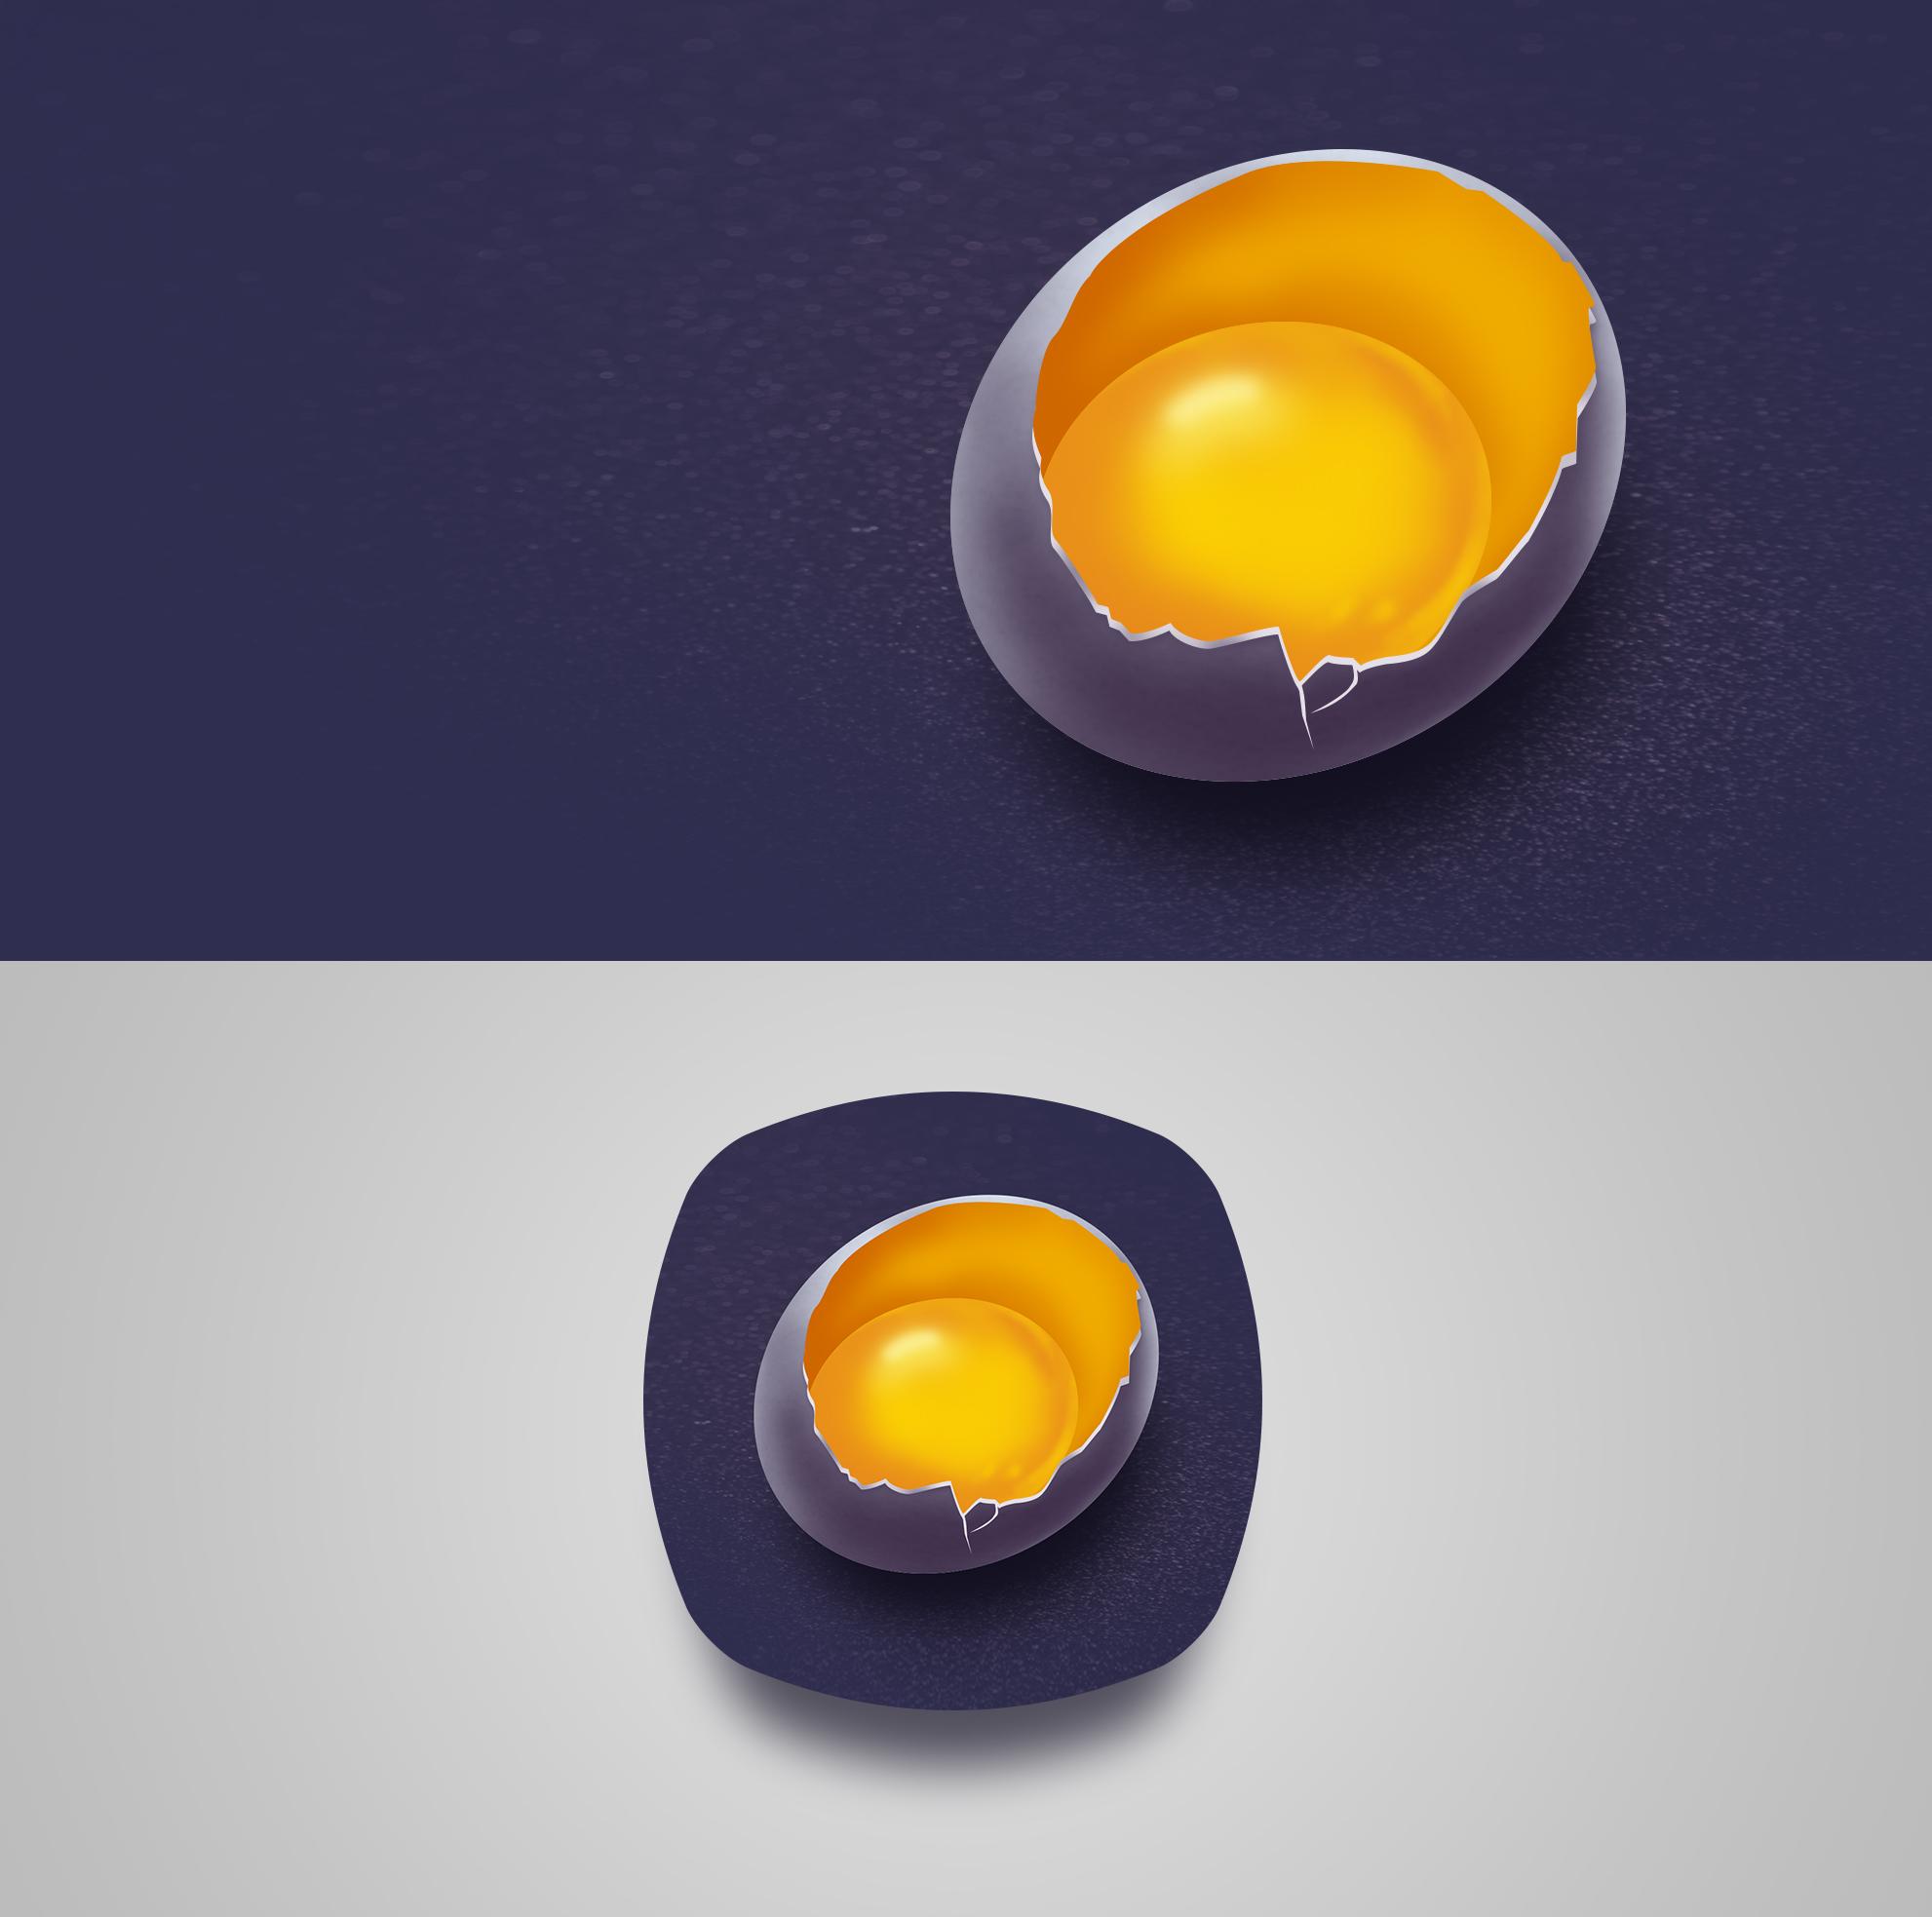 手绘鸡蛋icon